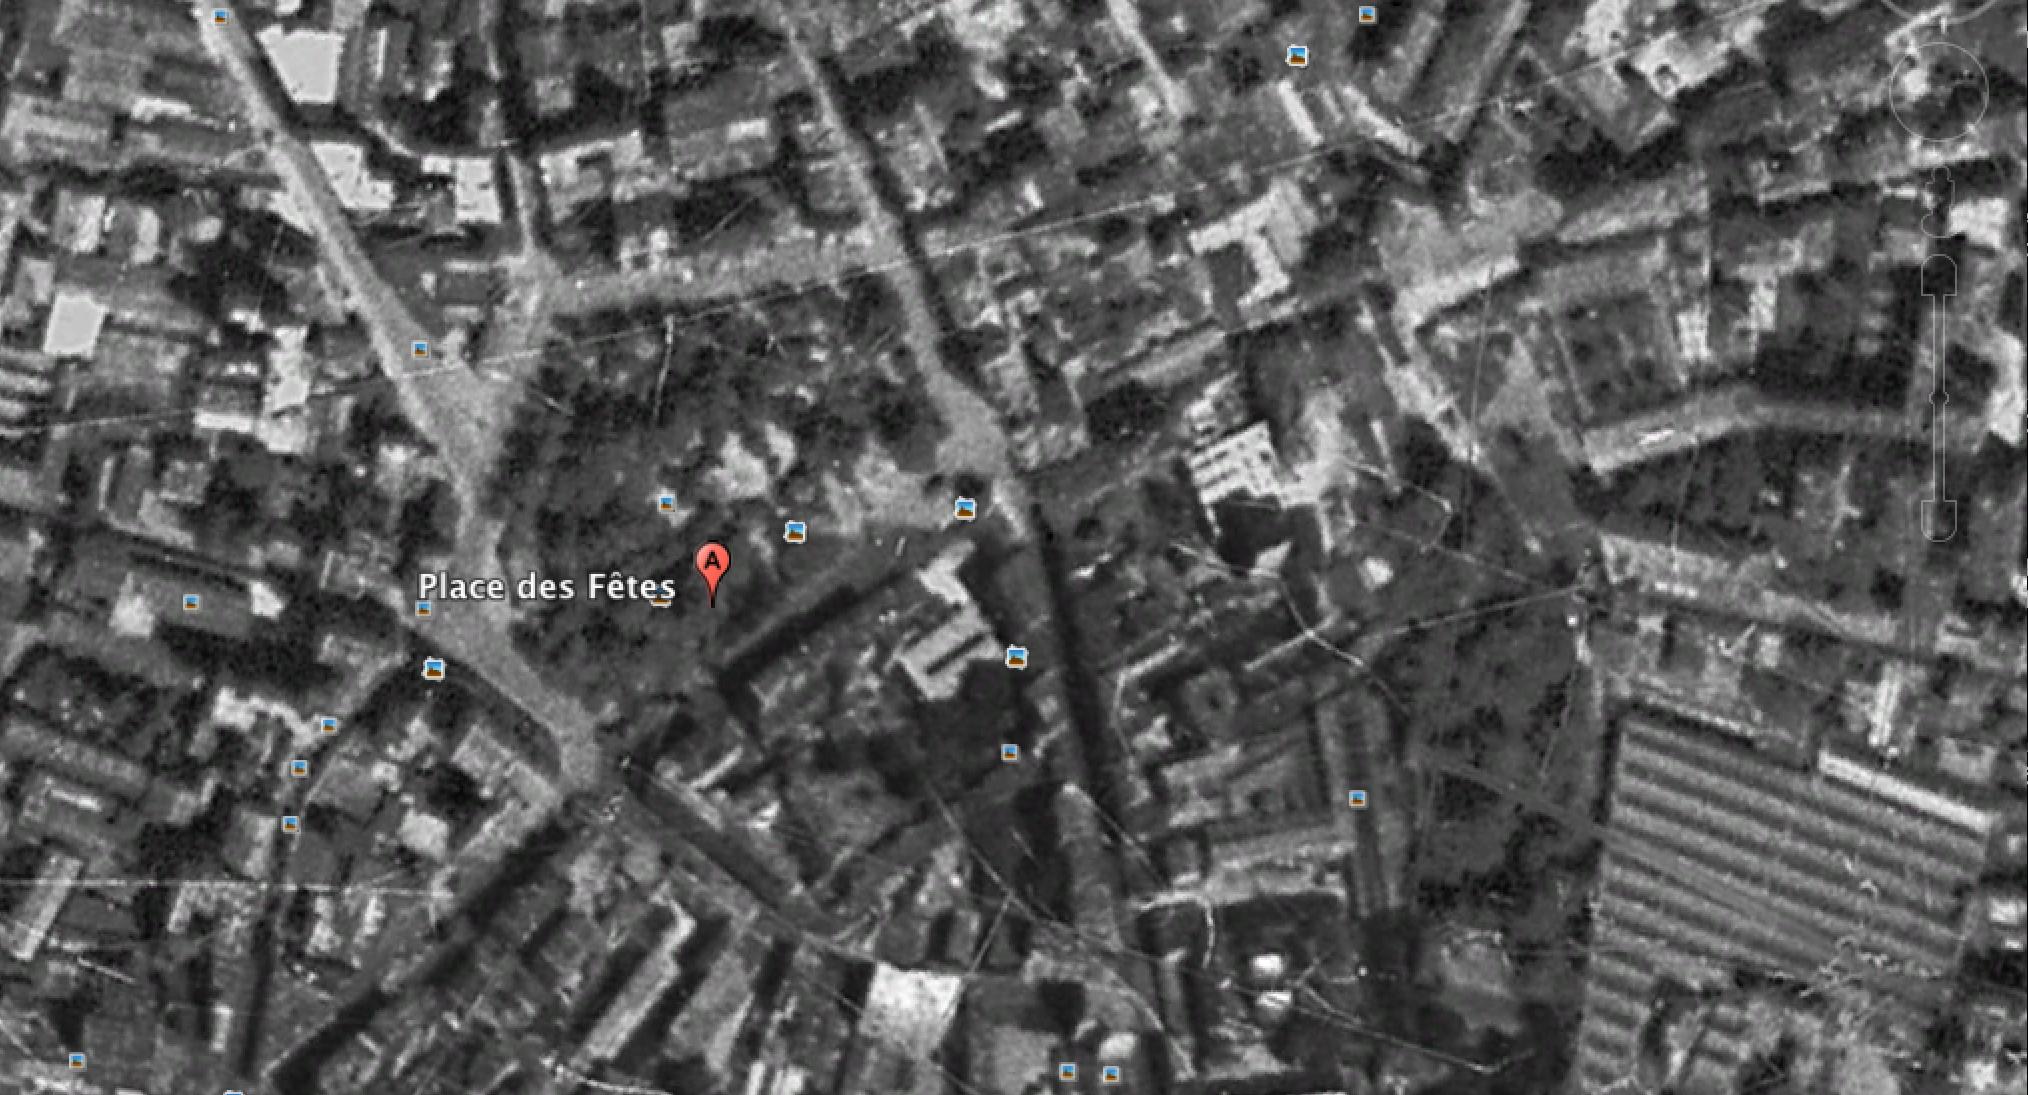 Place des Fêtes 1949 - Google Earth